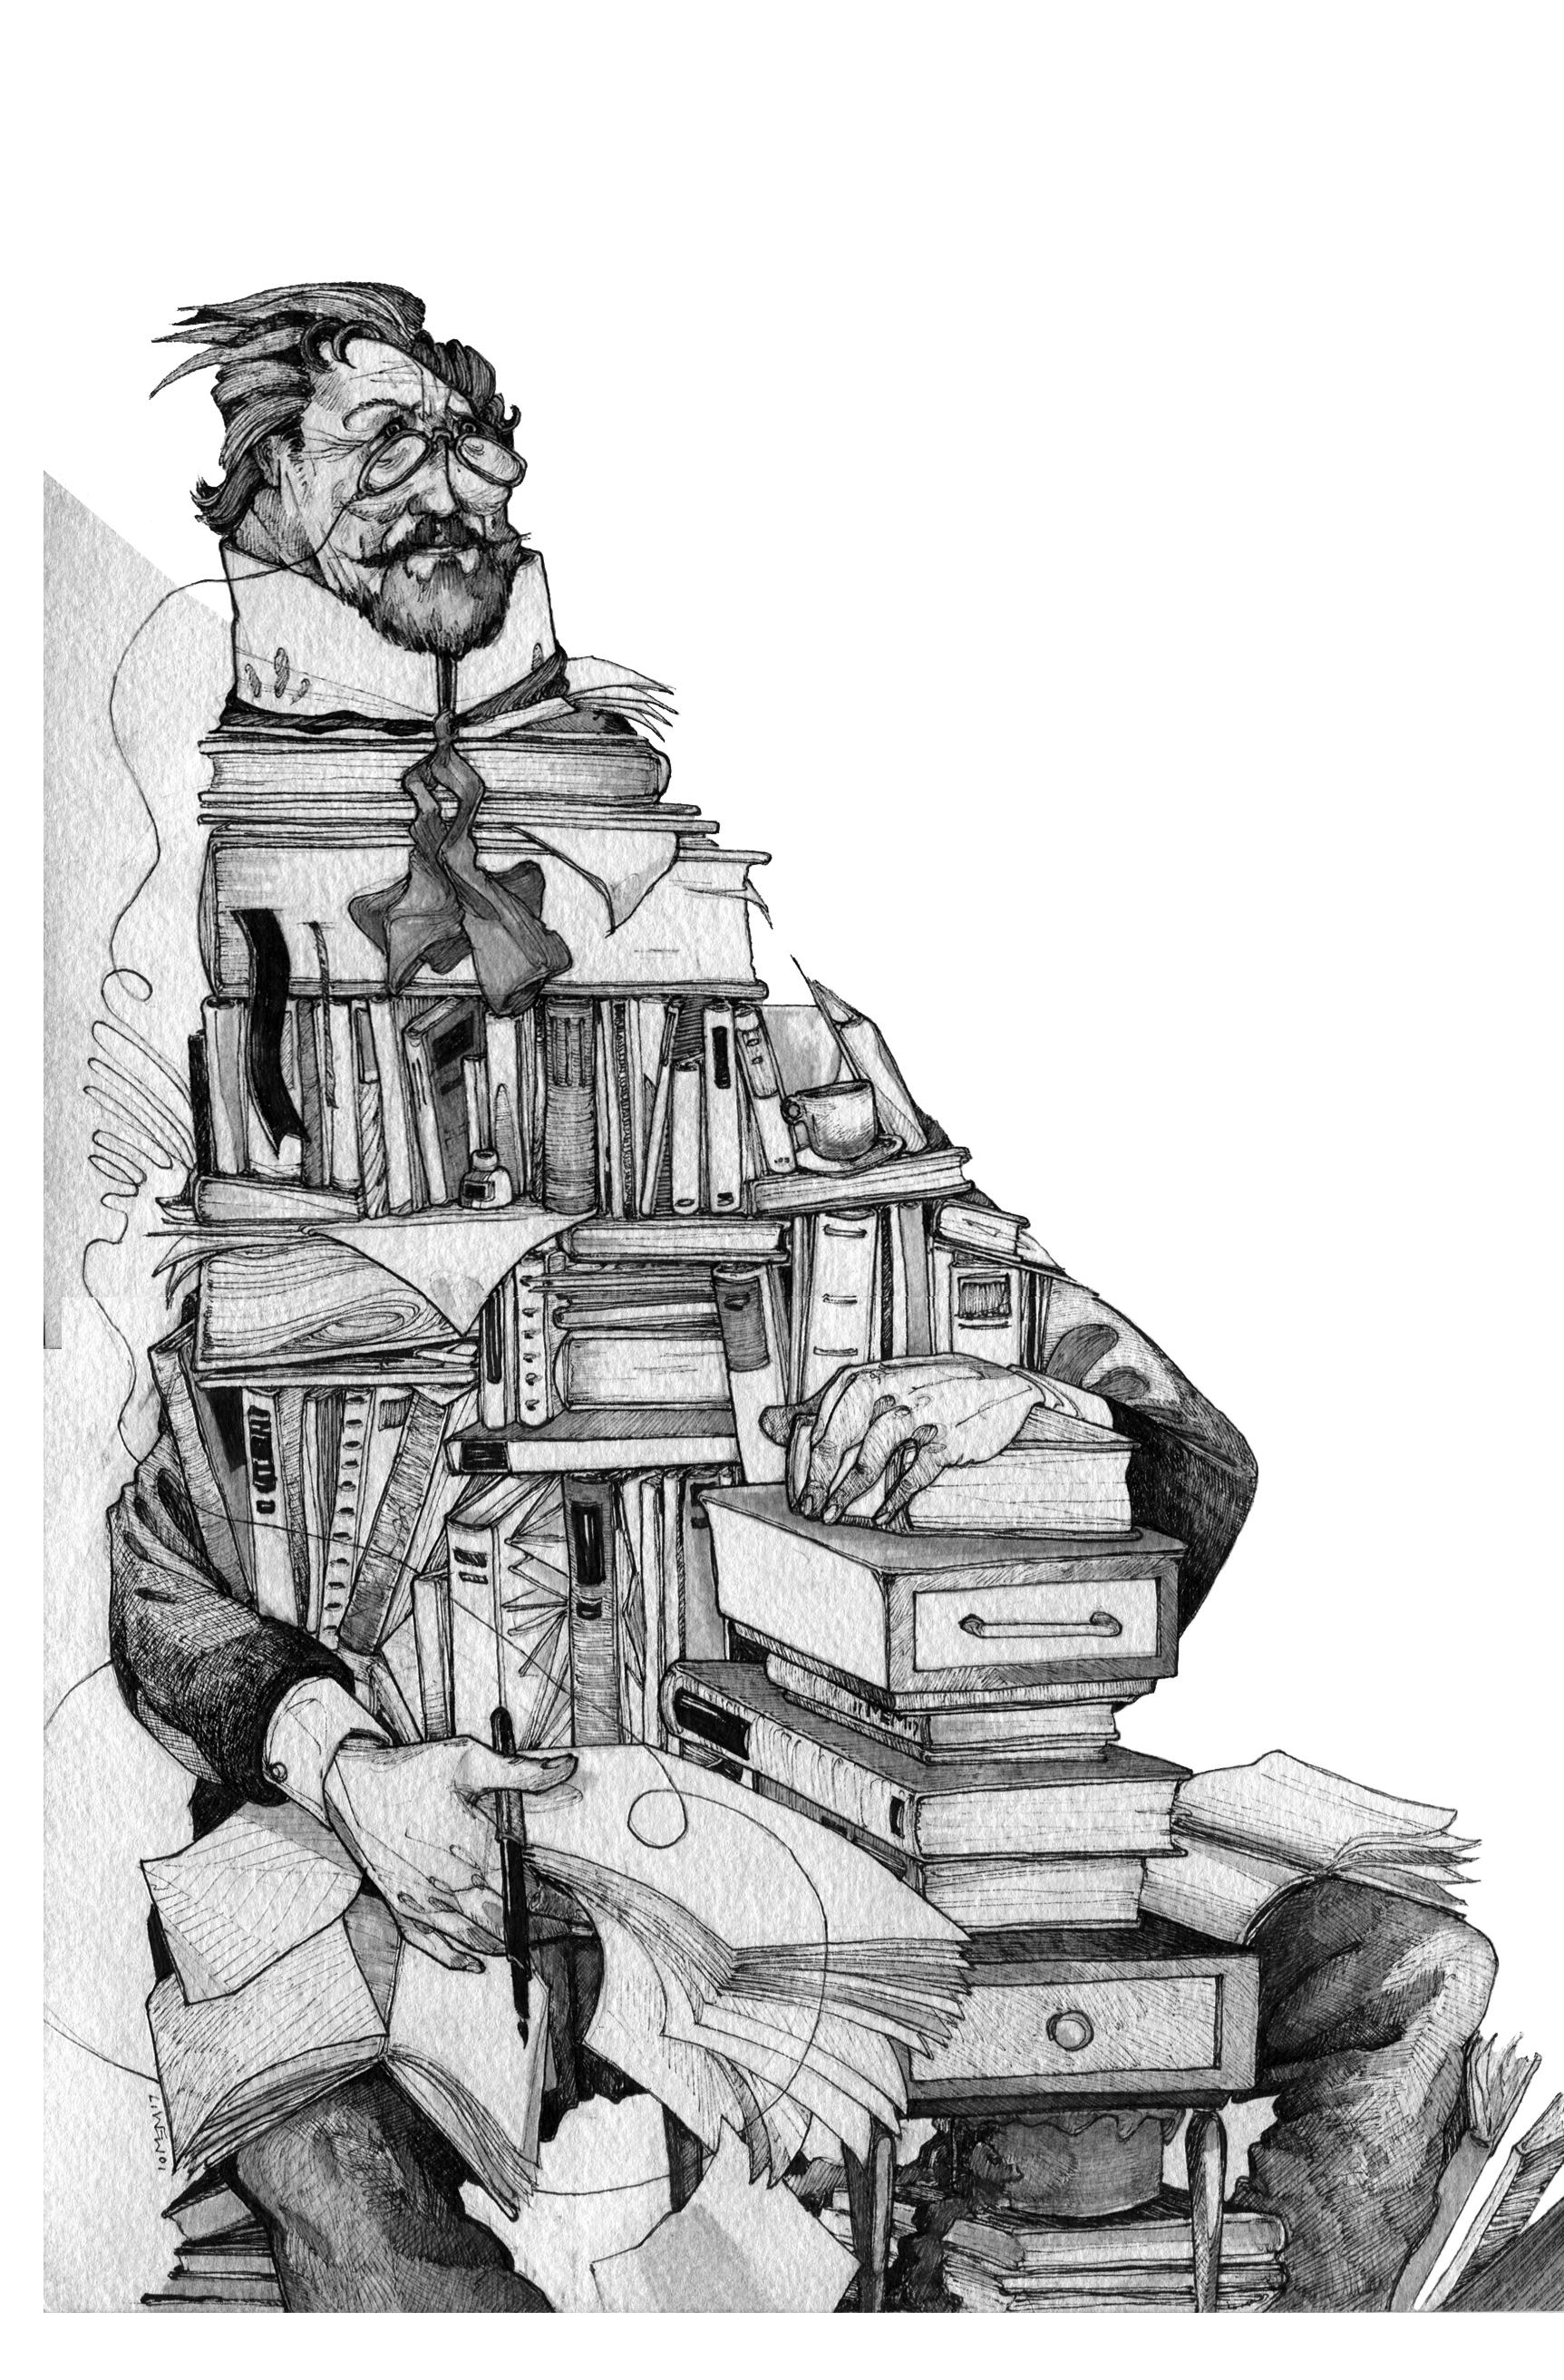 Chekhov Bookcase